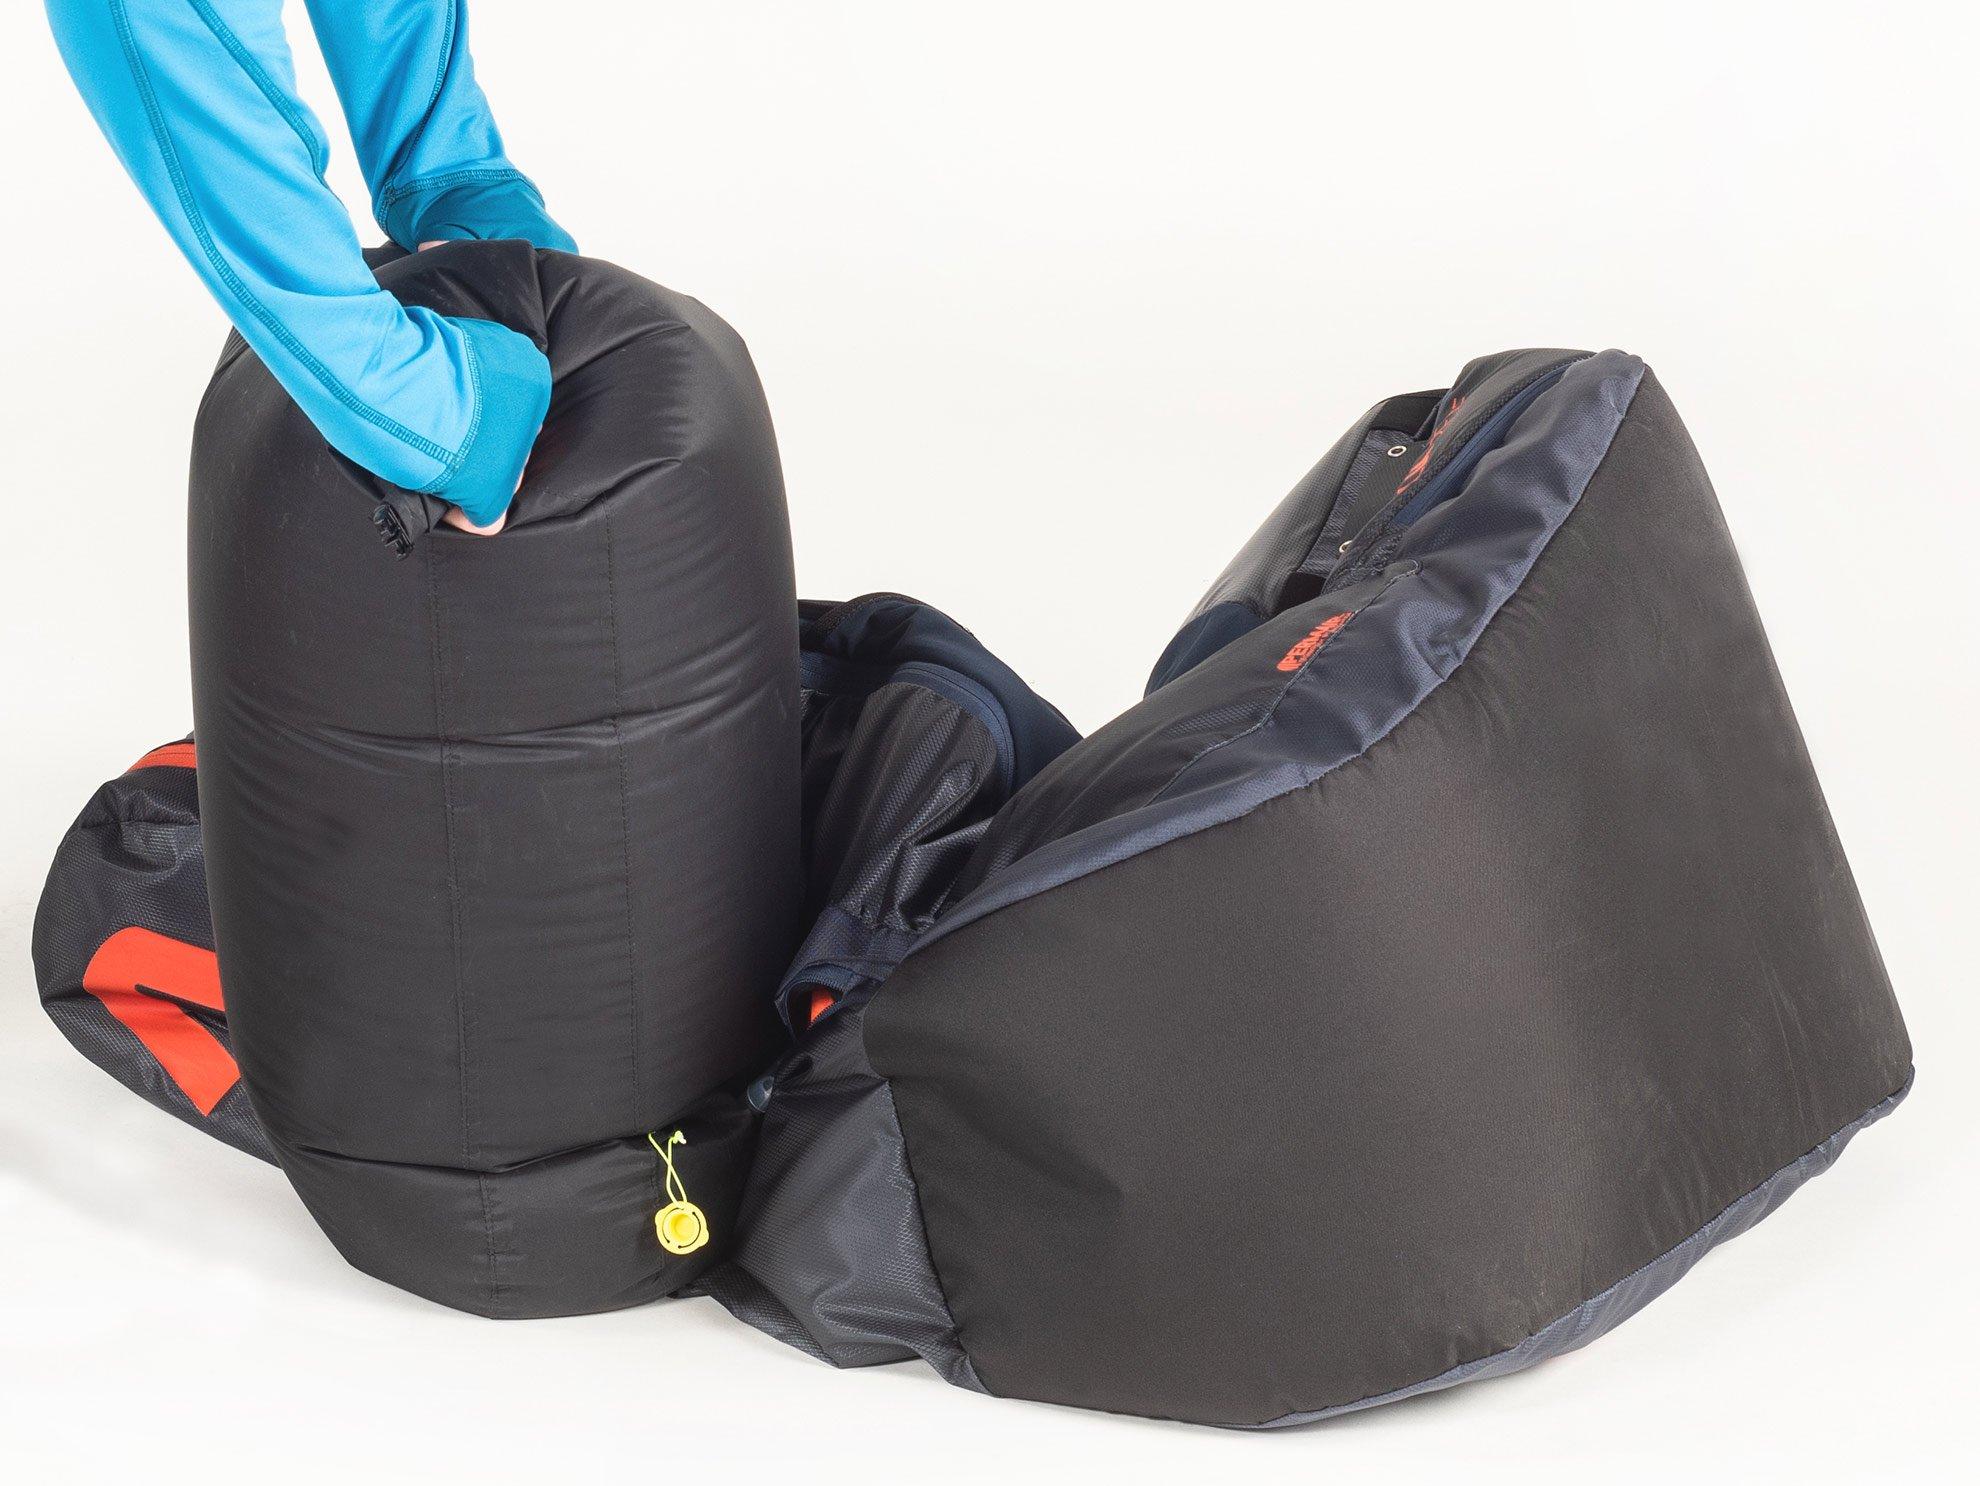 Gurtzeug Check Aircontrol und Sichtkontrolle des Airbags